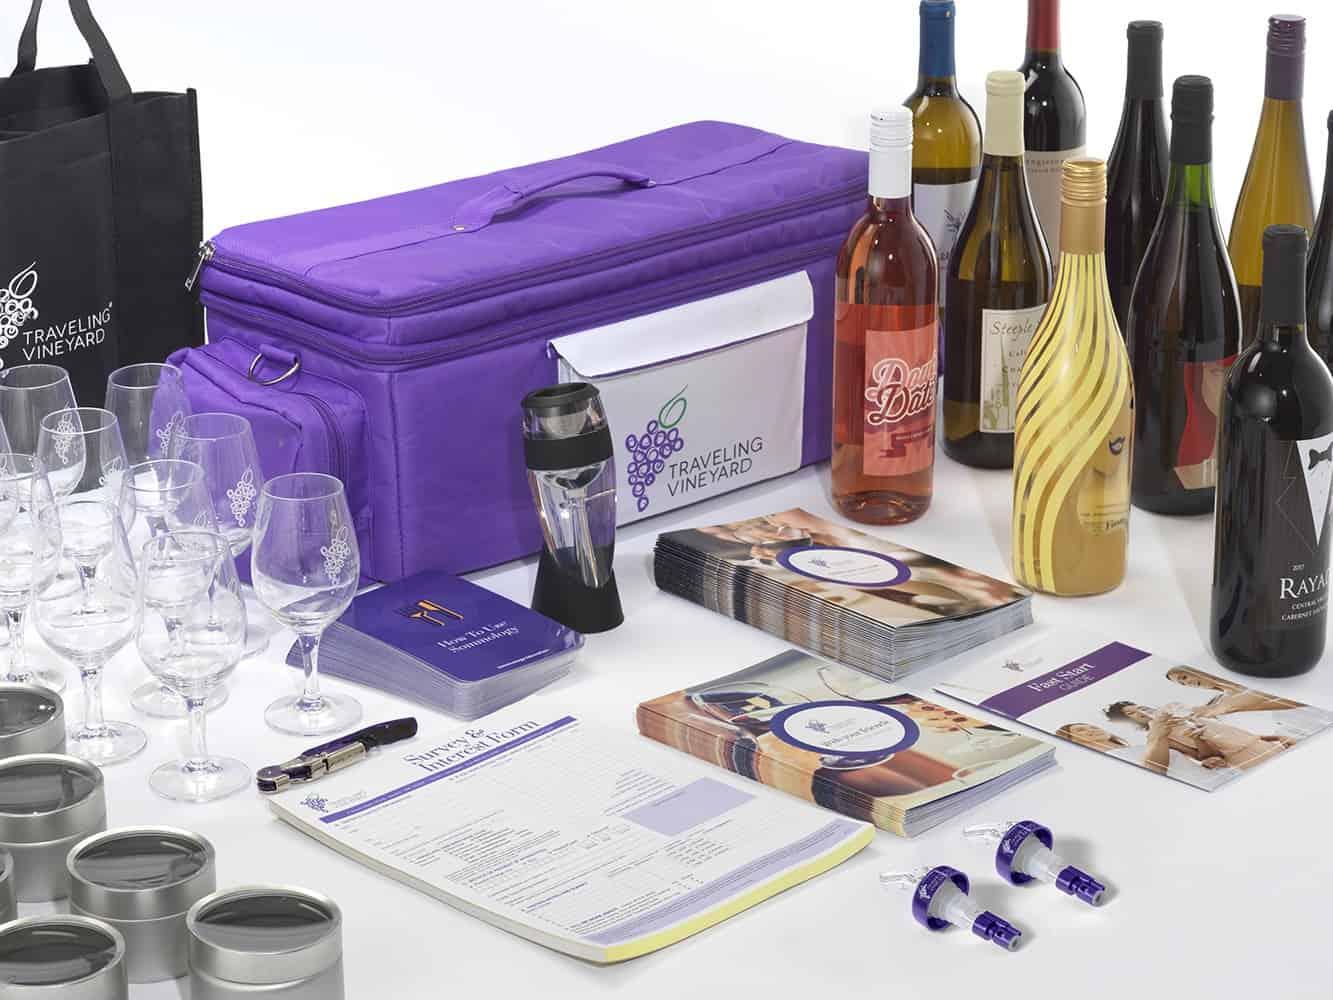 Traveling Vineyard Business Opp